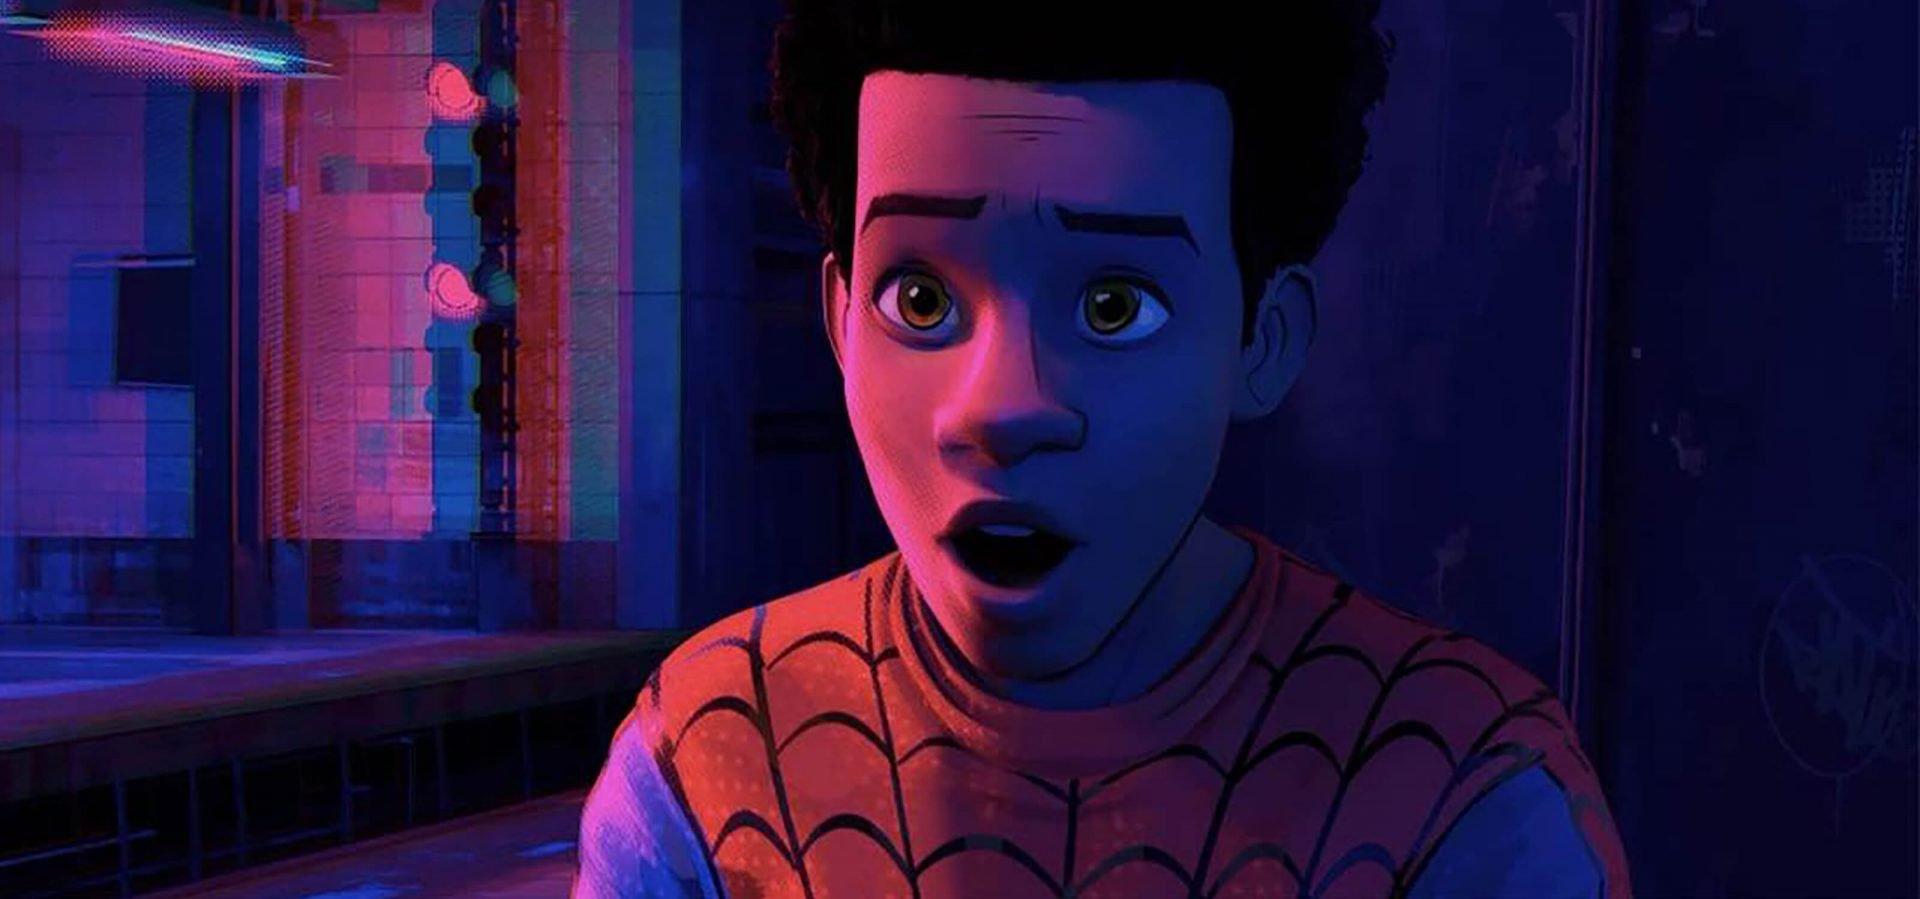 Em Homem-Aranha no Aranhaverso, a distinção entre personagem e cenários é feita com uma distinção de cores